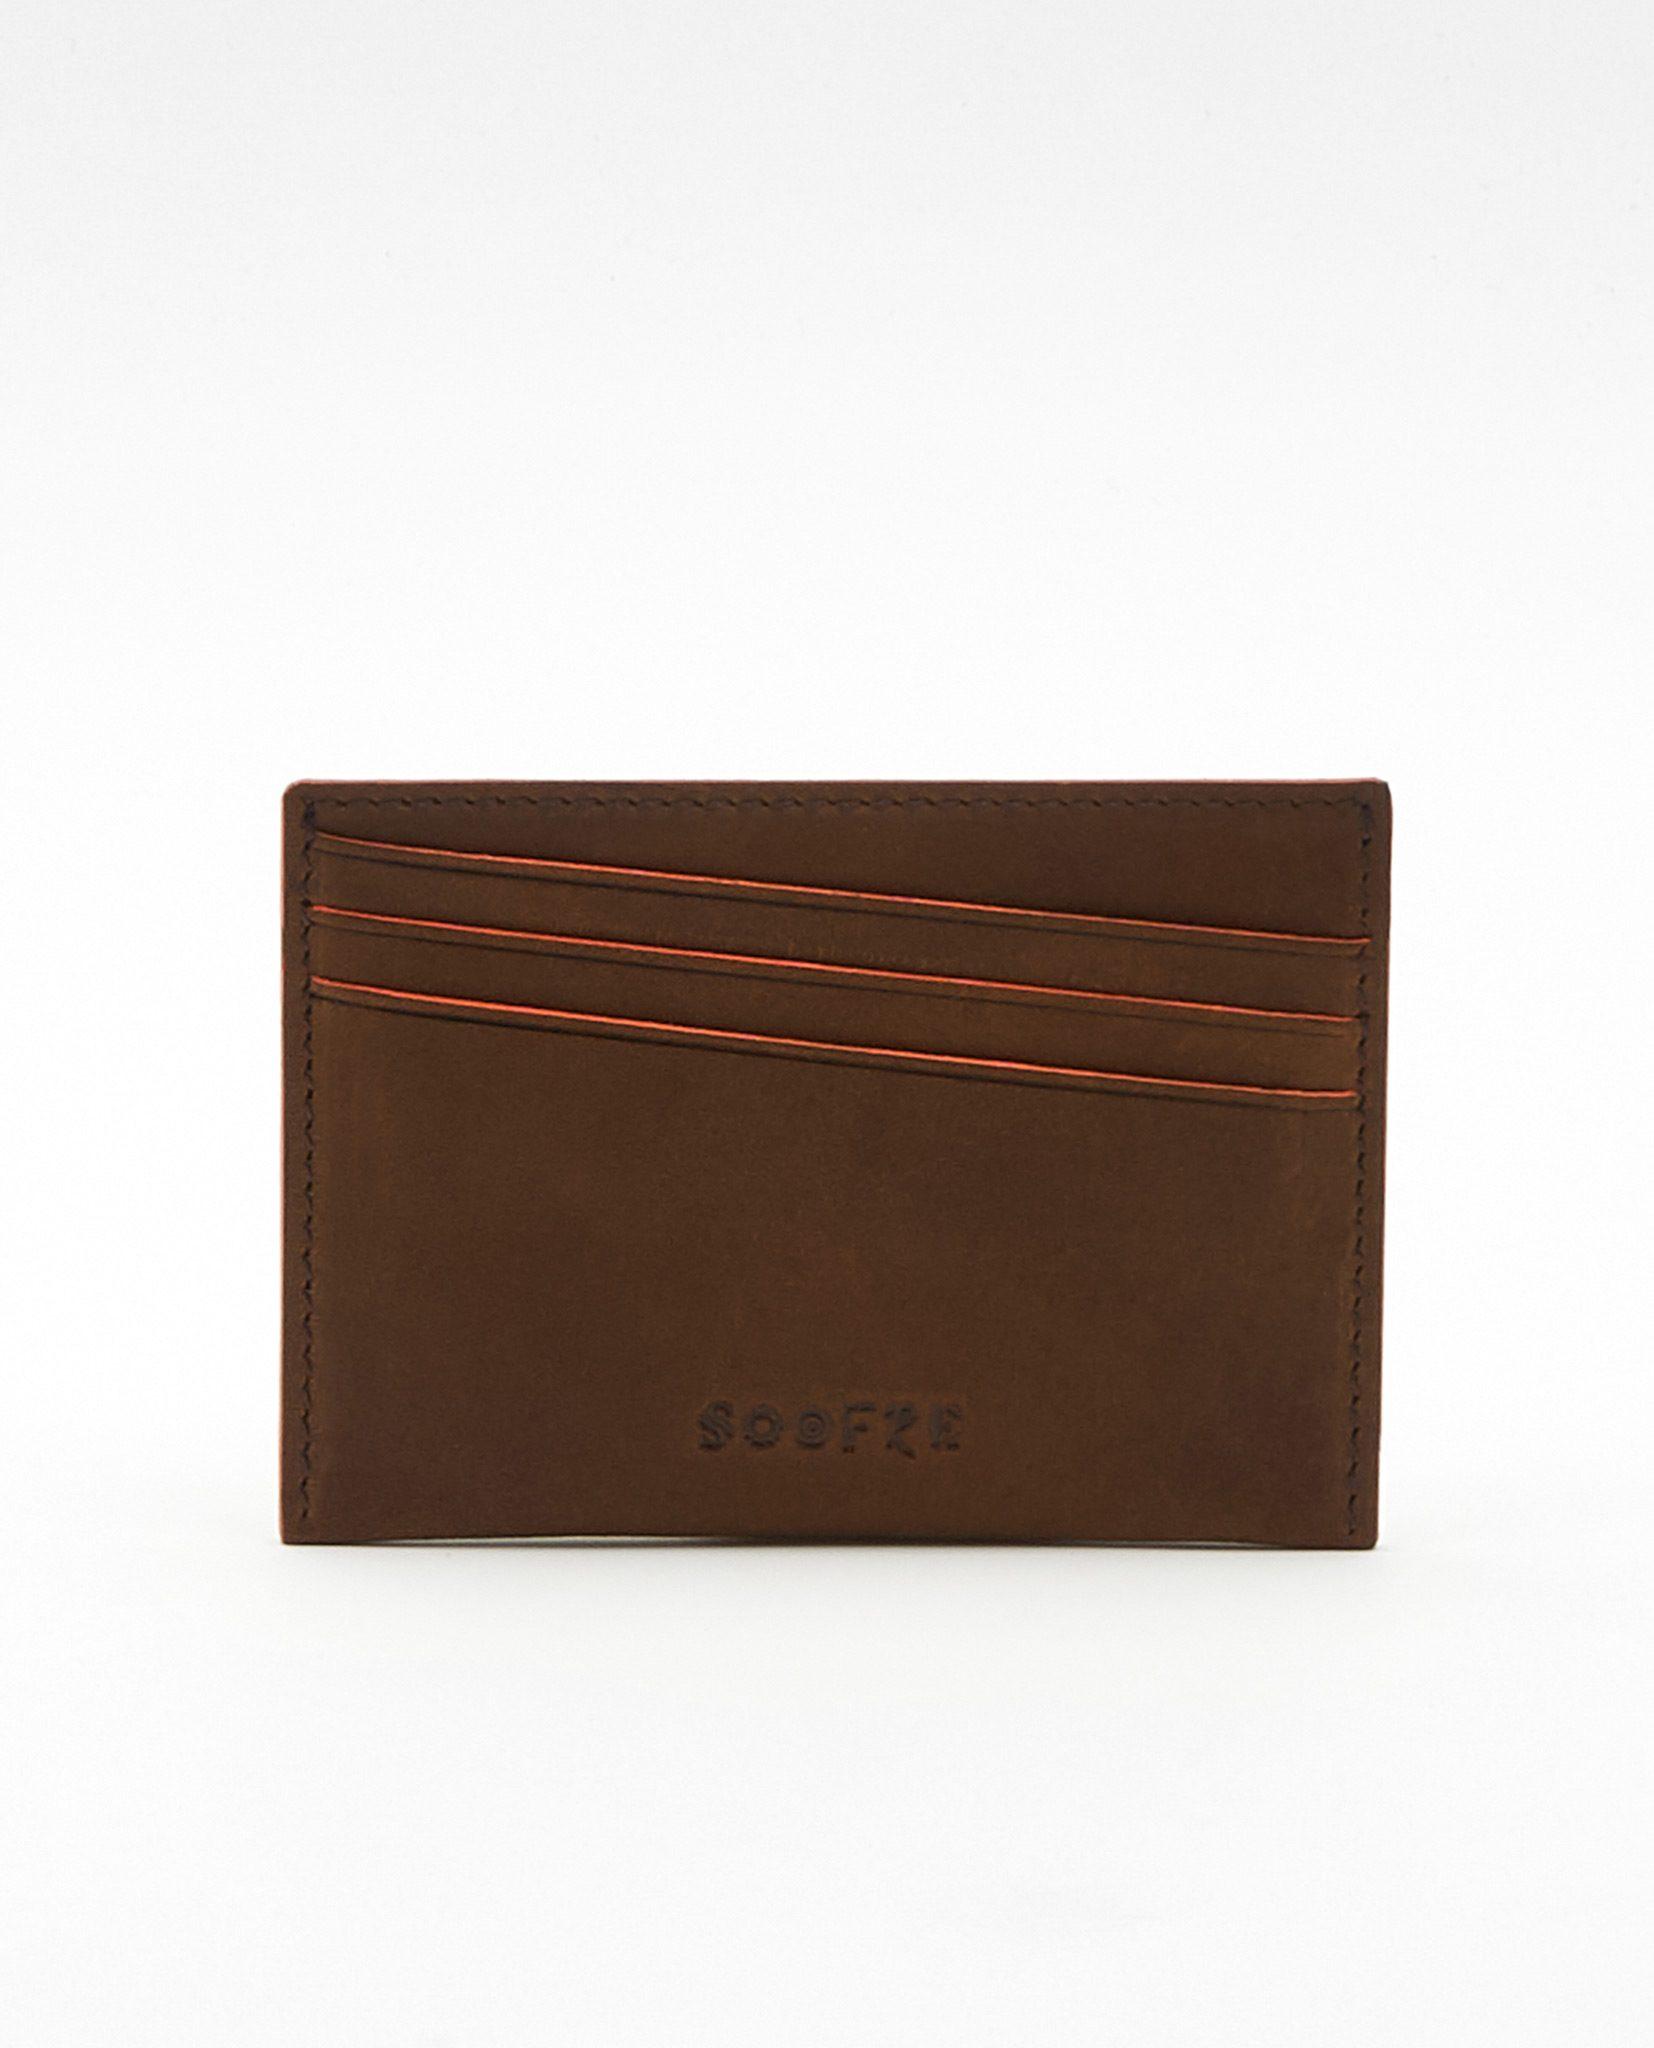 Soofre_Card-Holder_Brown-Orange_3